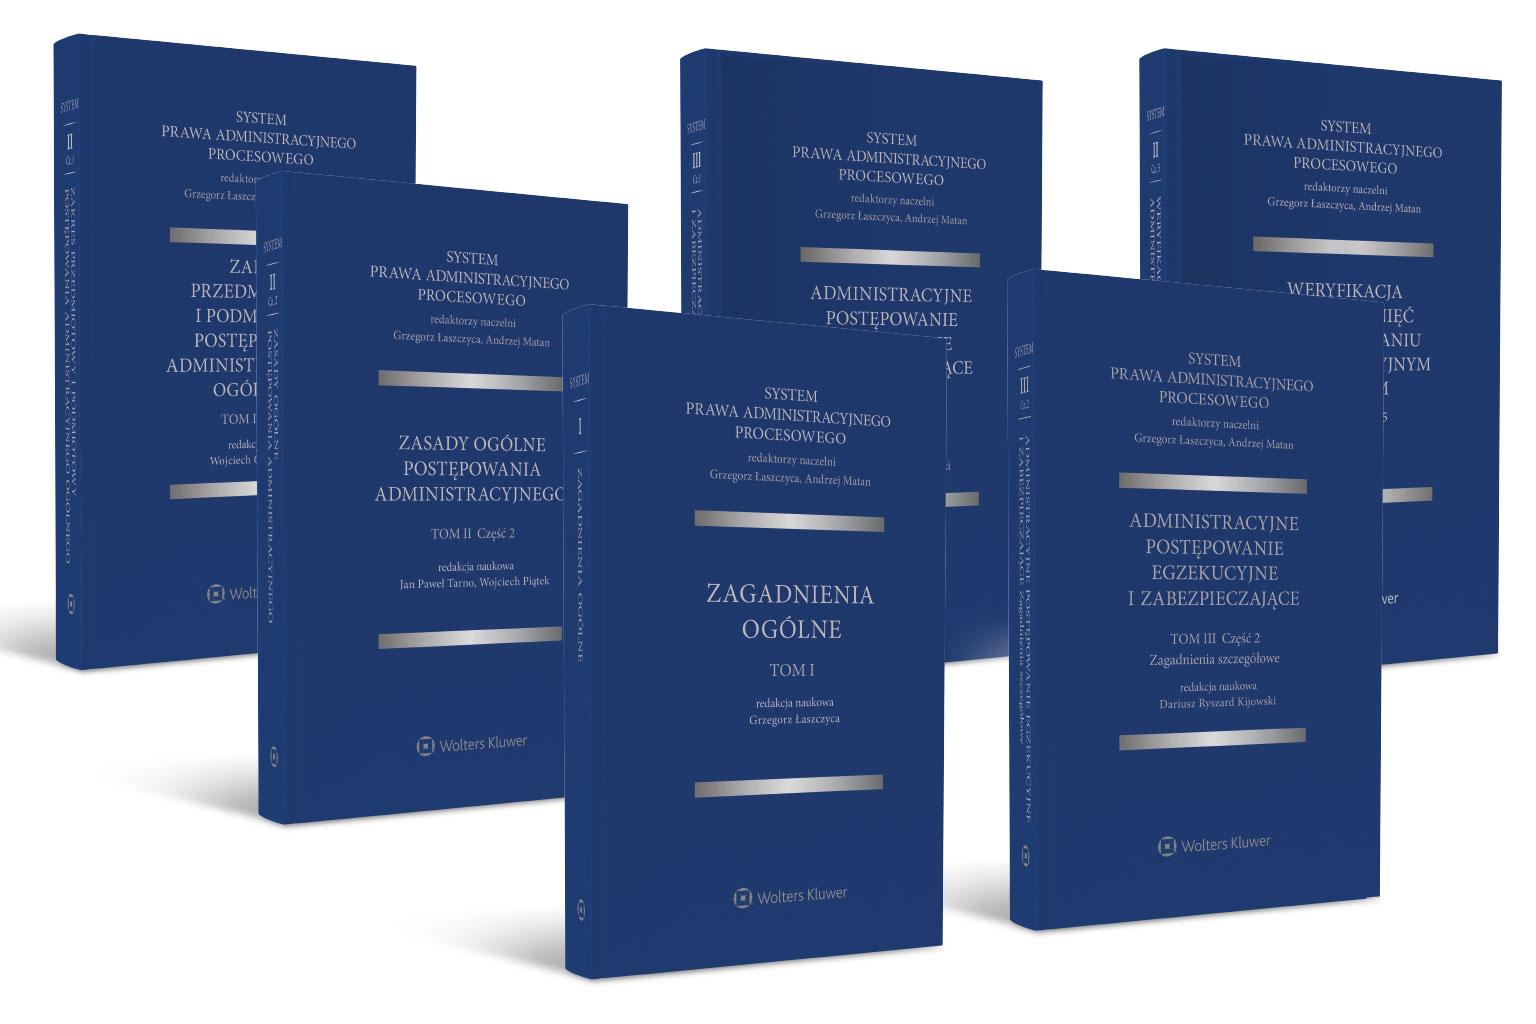 Obecnie dostępne w LEX tomy Systemu Prawa Administracyjnego Procesowego